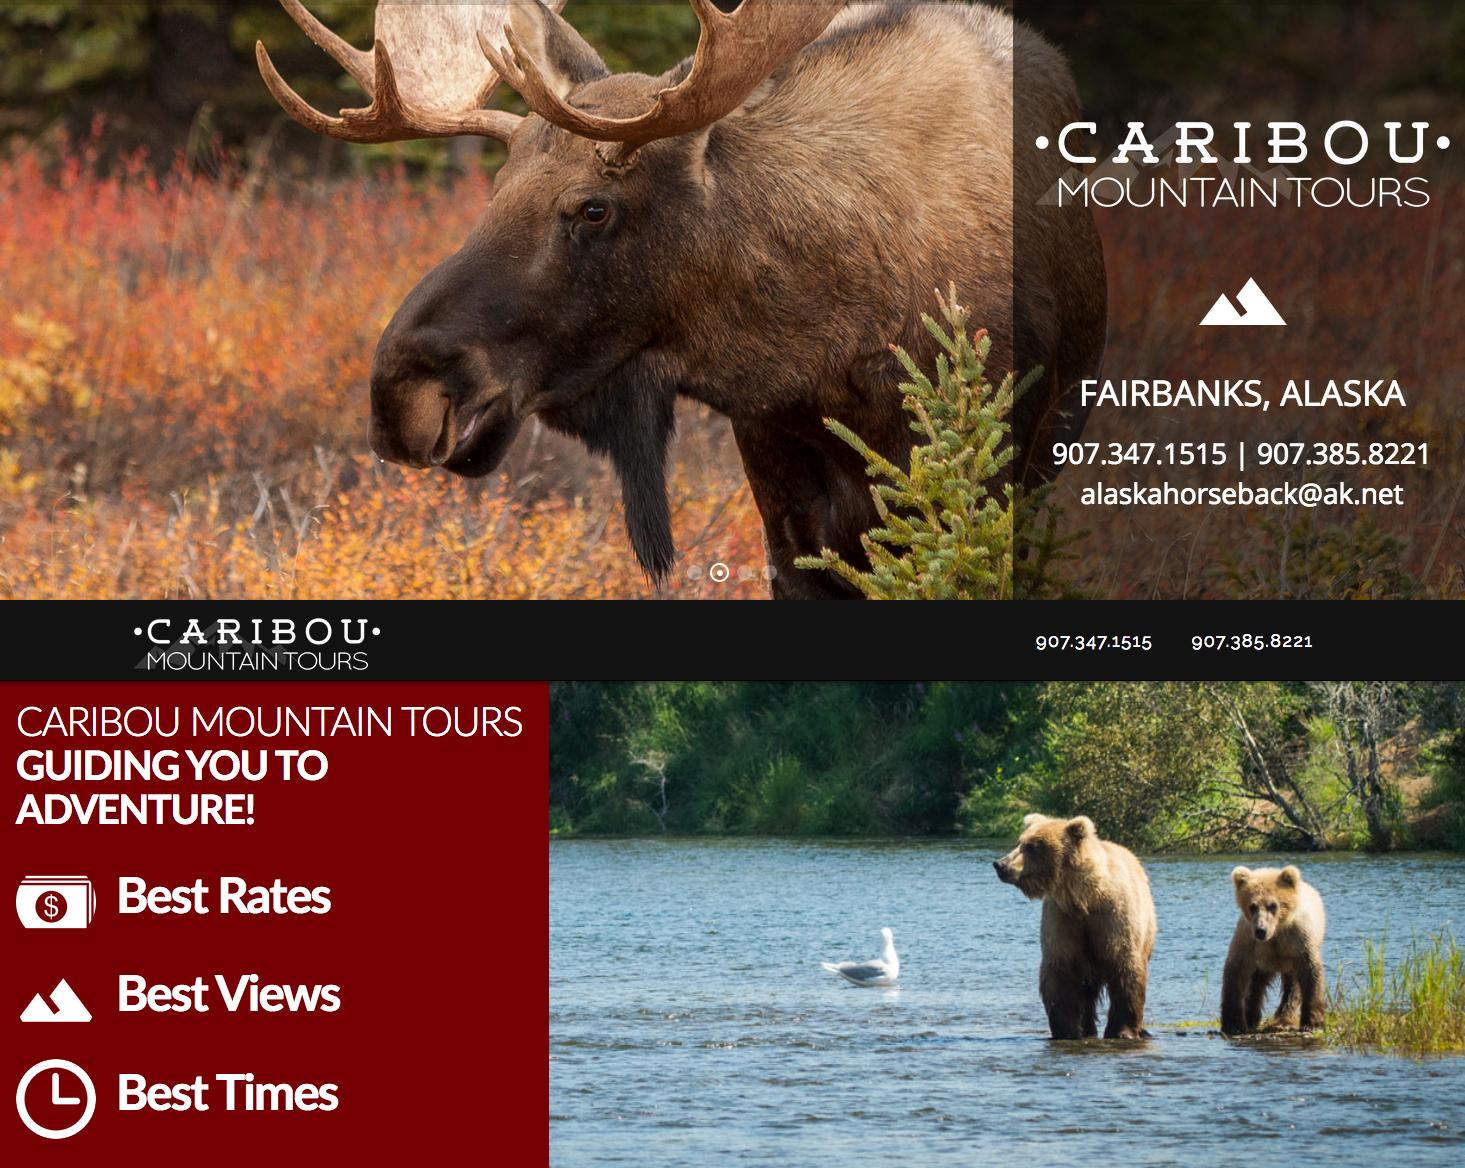 Caribou Mountain Tours